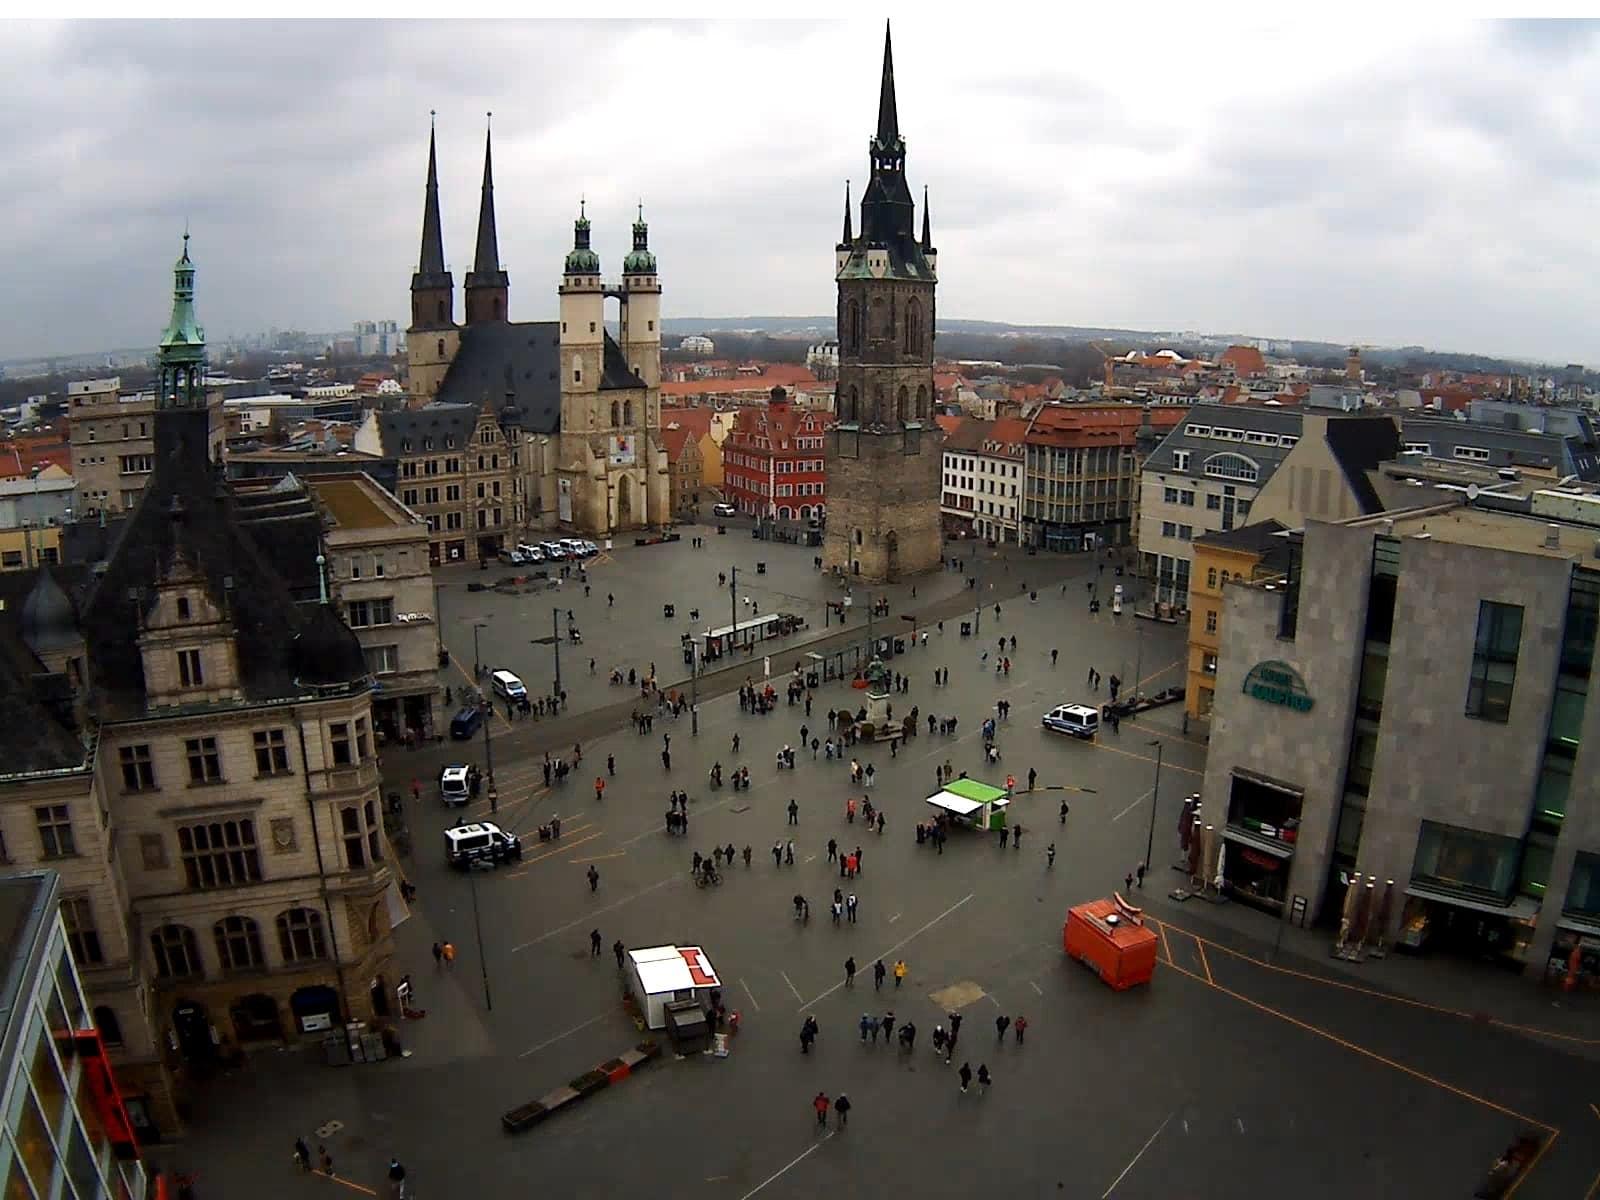 Der Marktplatz in Halle um 16:20 Uhr. Screen Webcam von ipcamlive.com